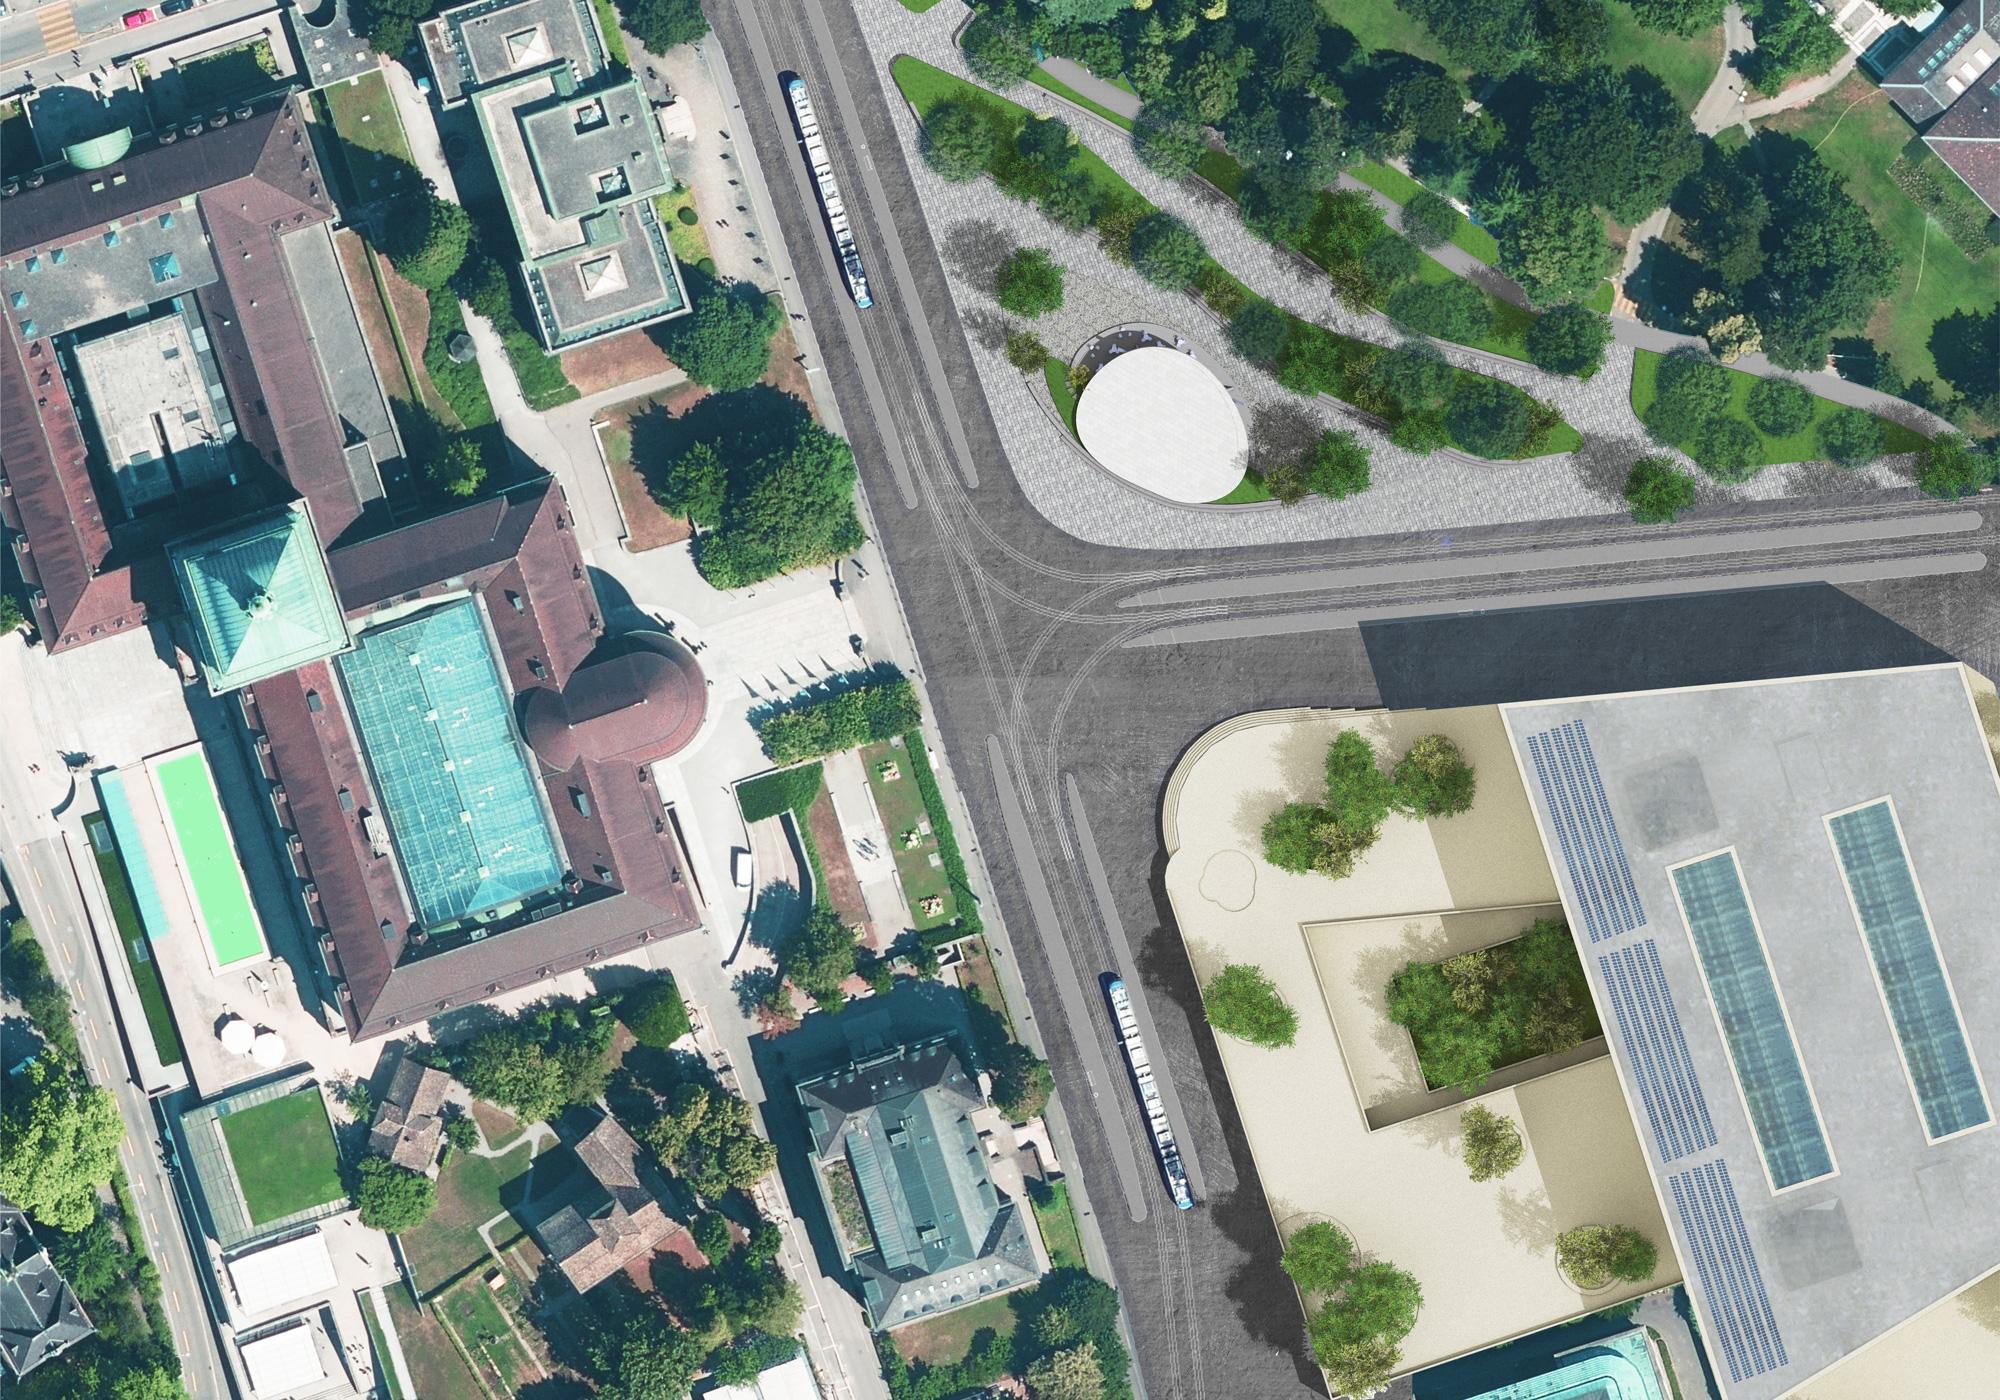 Luftbild vom Hochschulgebiet